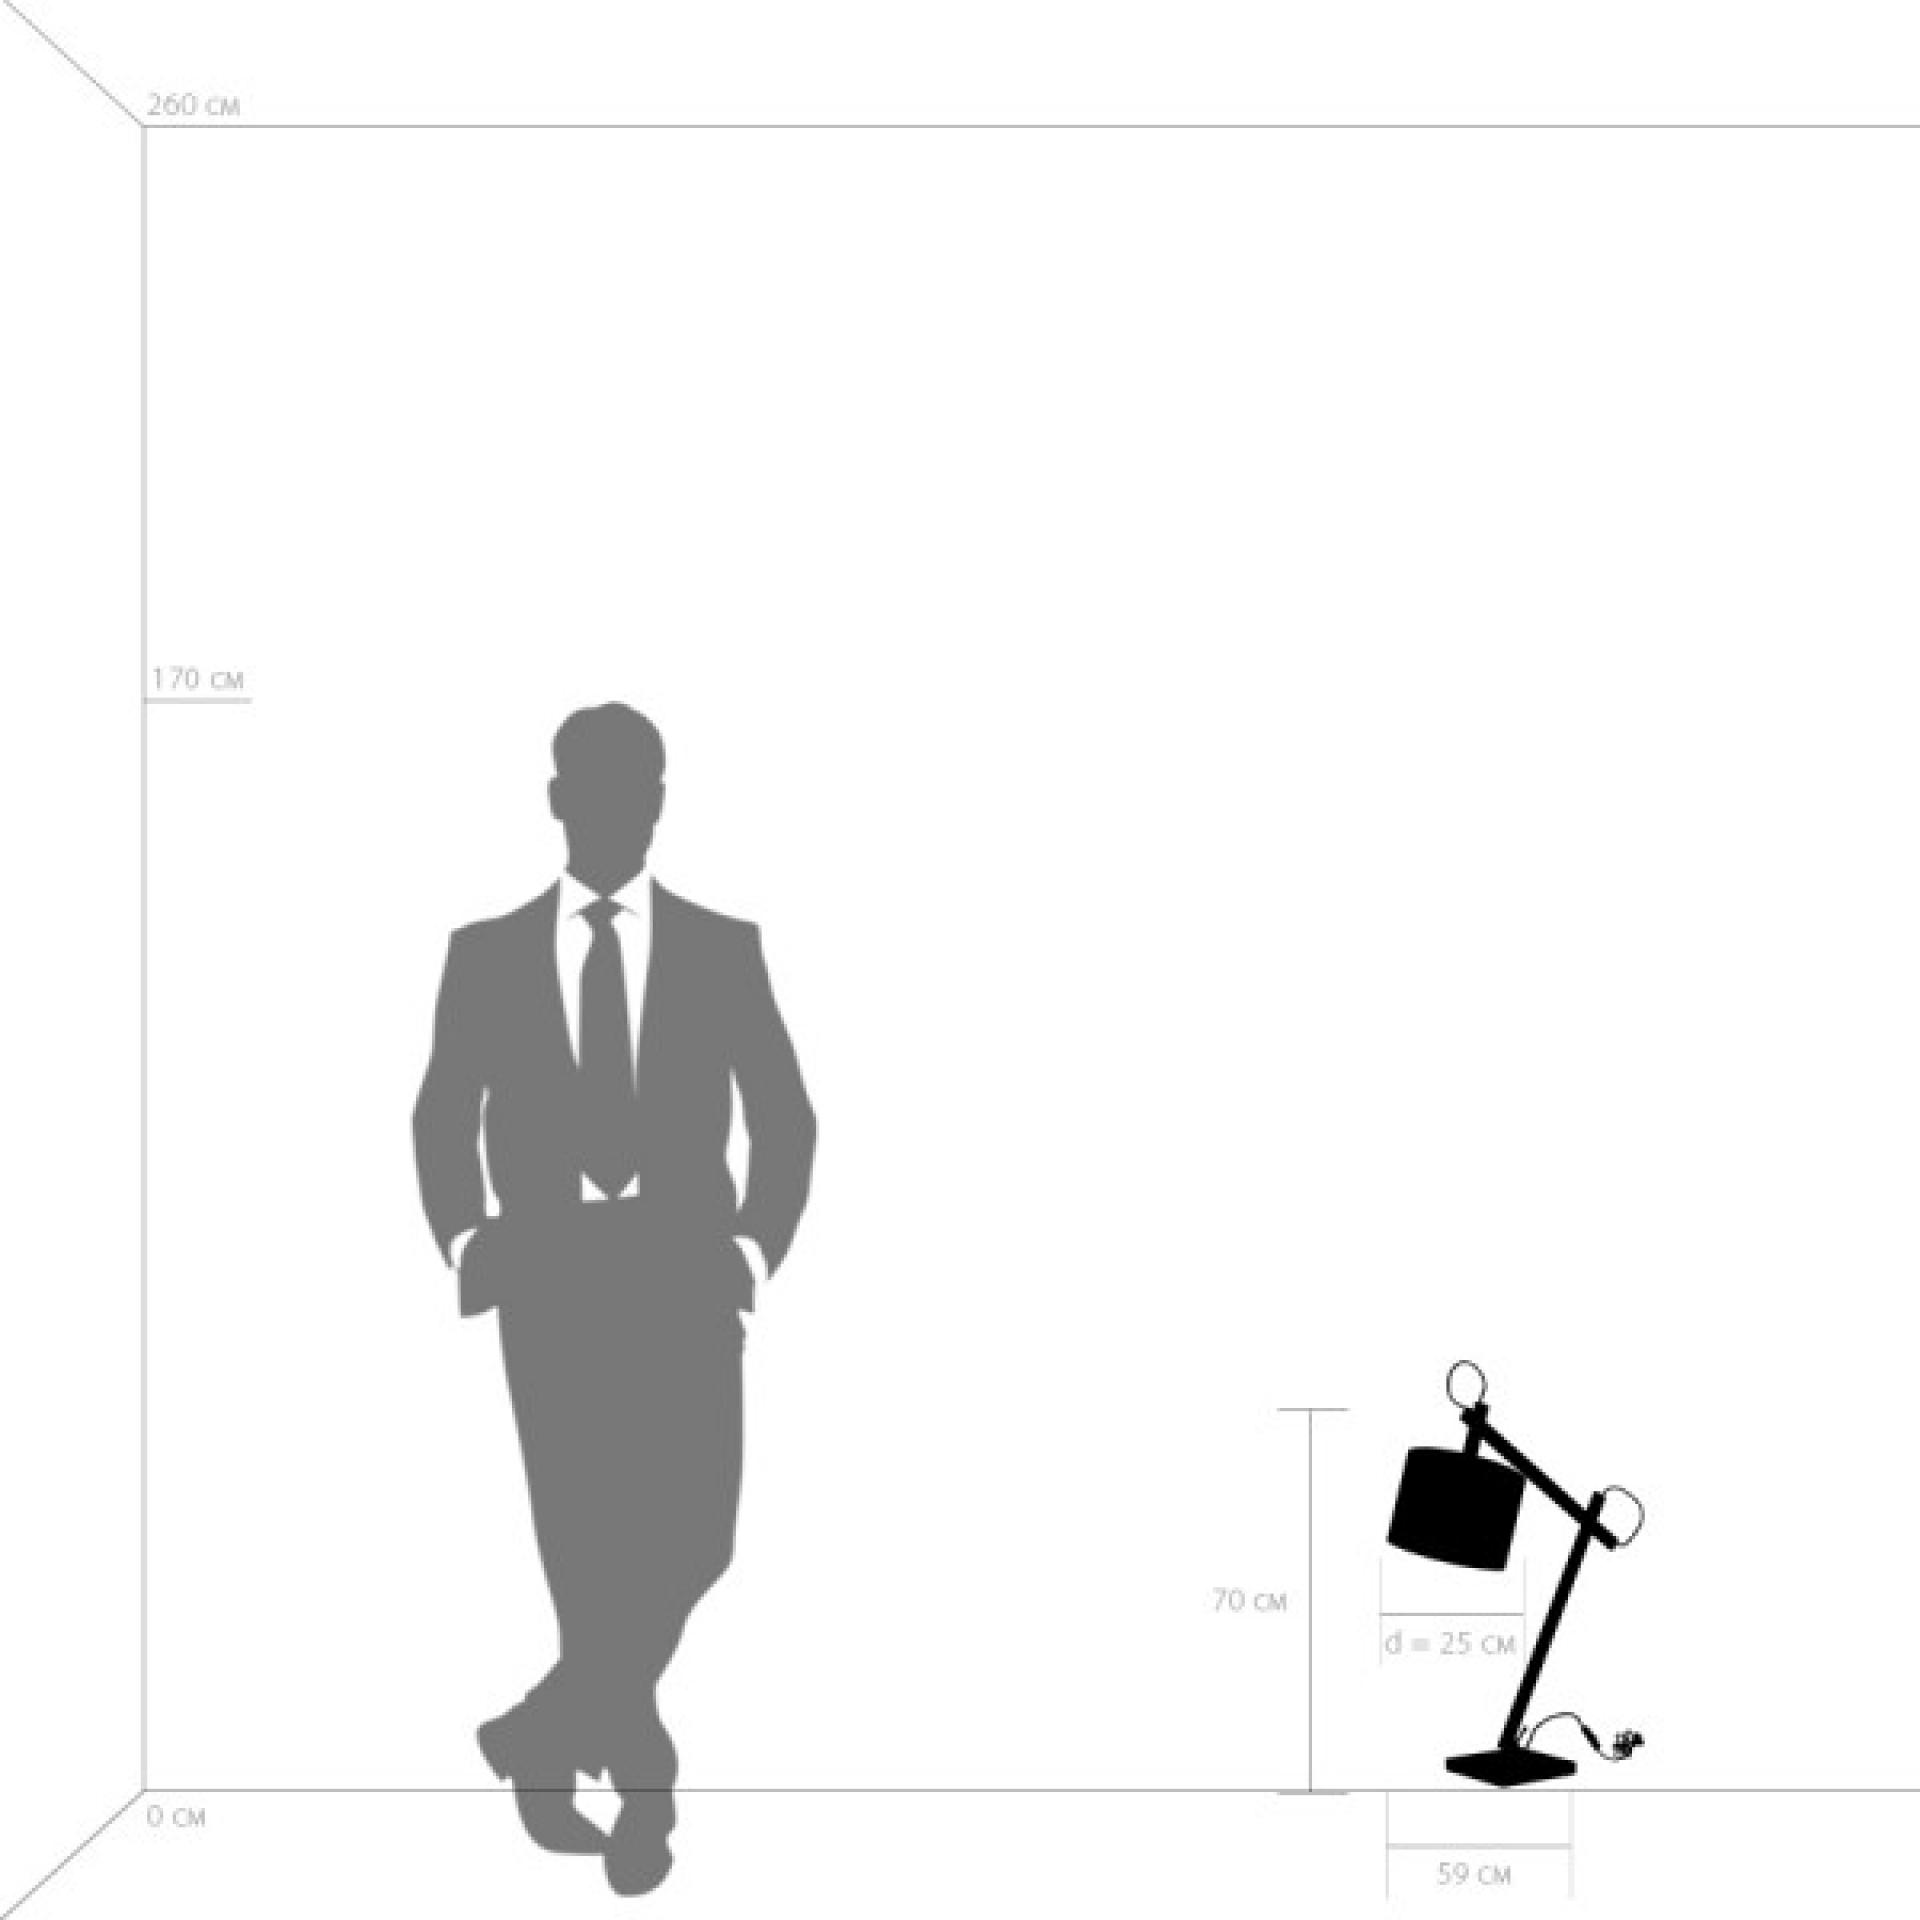 Лампа настольная MECCANO 1х60W E27 хром / белый ткань Lightstar 766919, купить в СПб, Москве, с доставкой, Санкт-Петербург, интернет-магазин люстр и светильников Starlight, фото в жизни